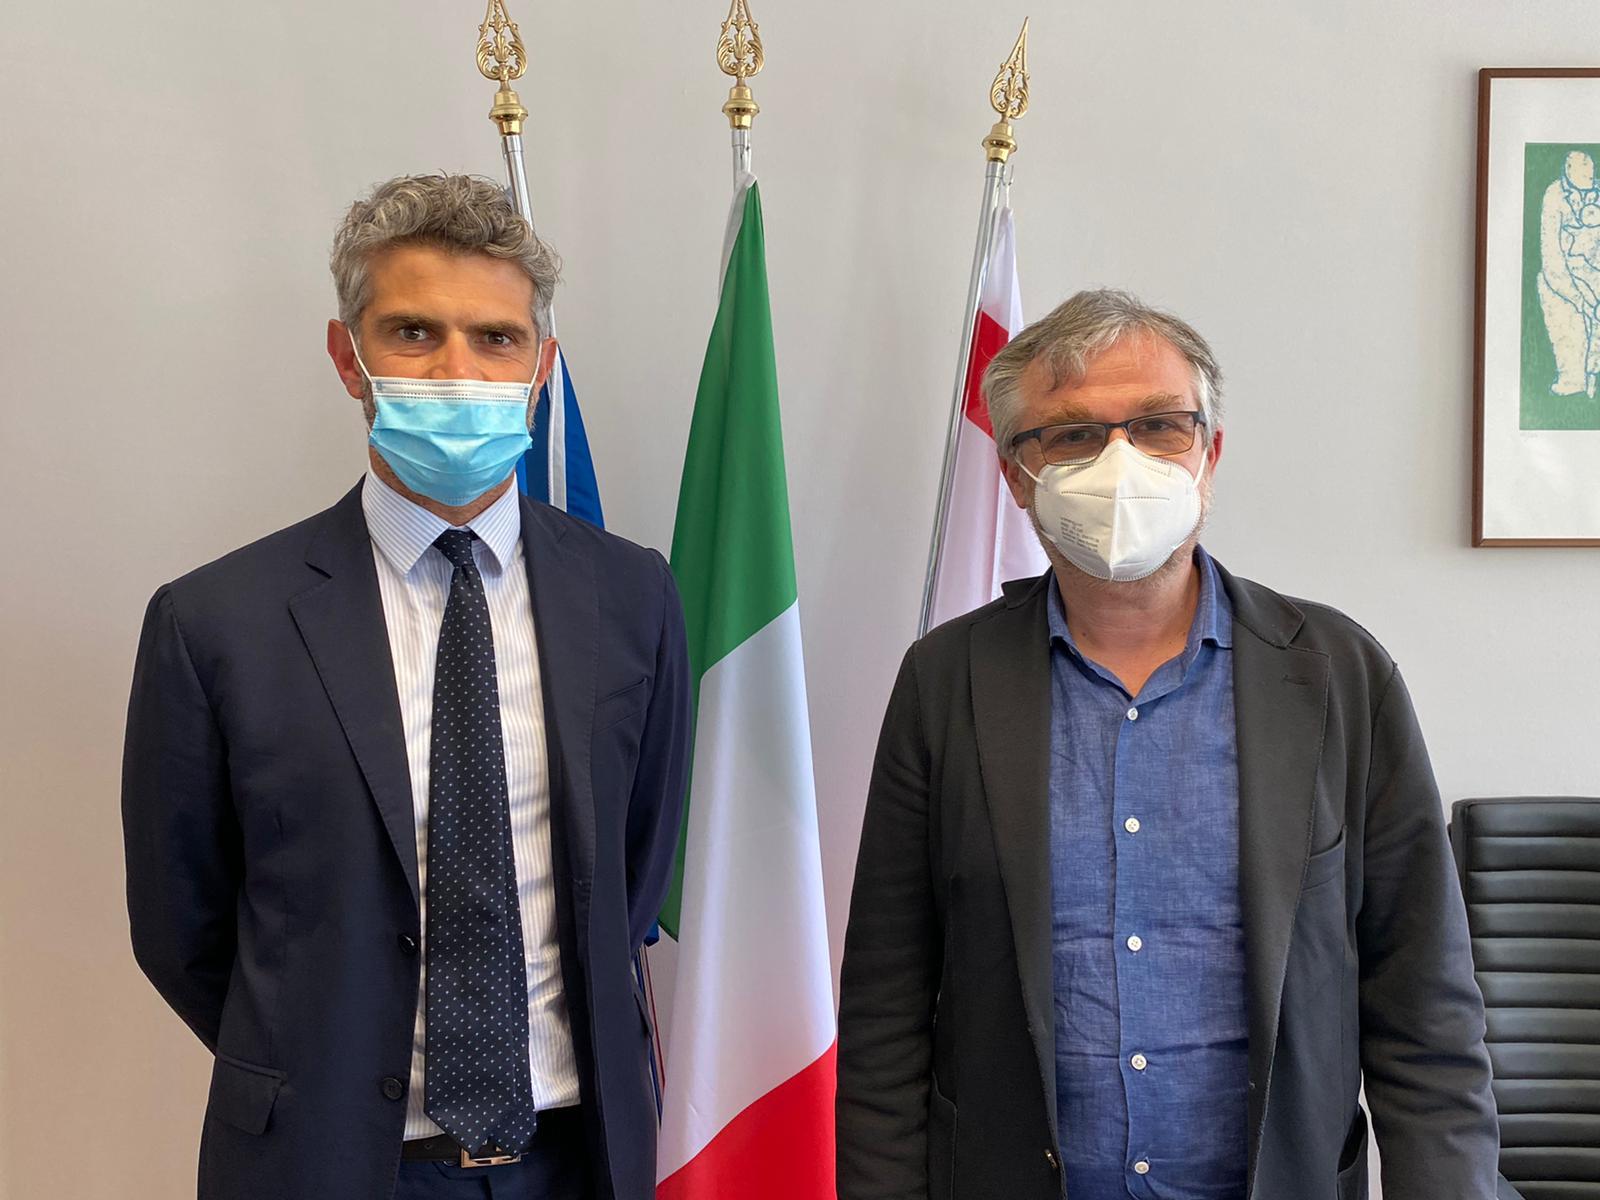 """Ferrari e Palombi: """"Abbiamo finalmente incontrato l'assessore regionale Bezzini, speriamo sia il primo passo verso una sanità adeguata al territorio"""""""